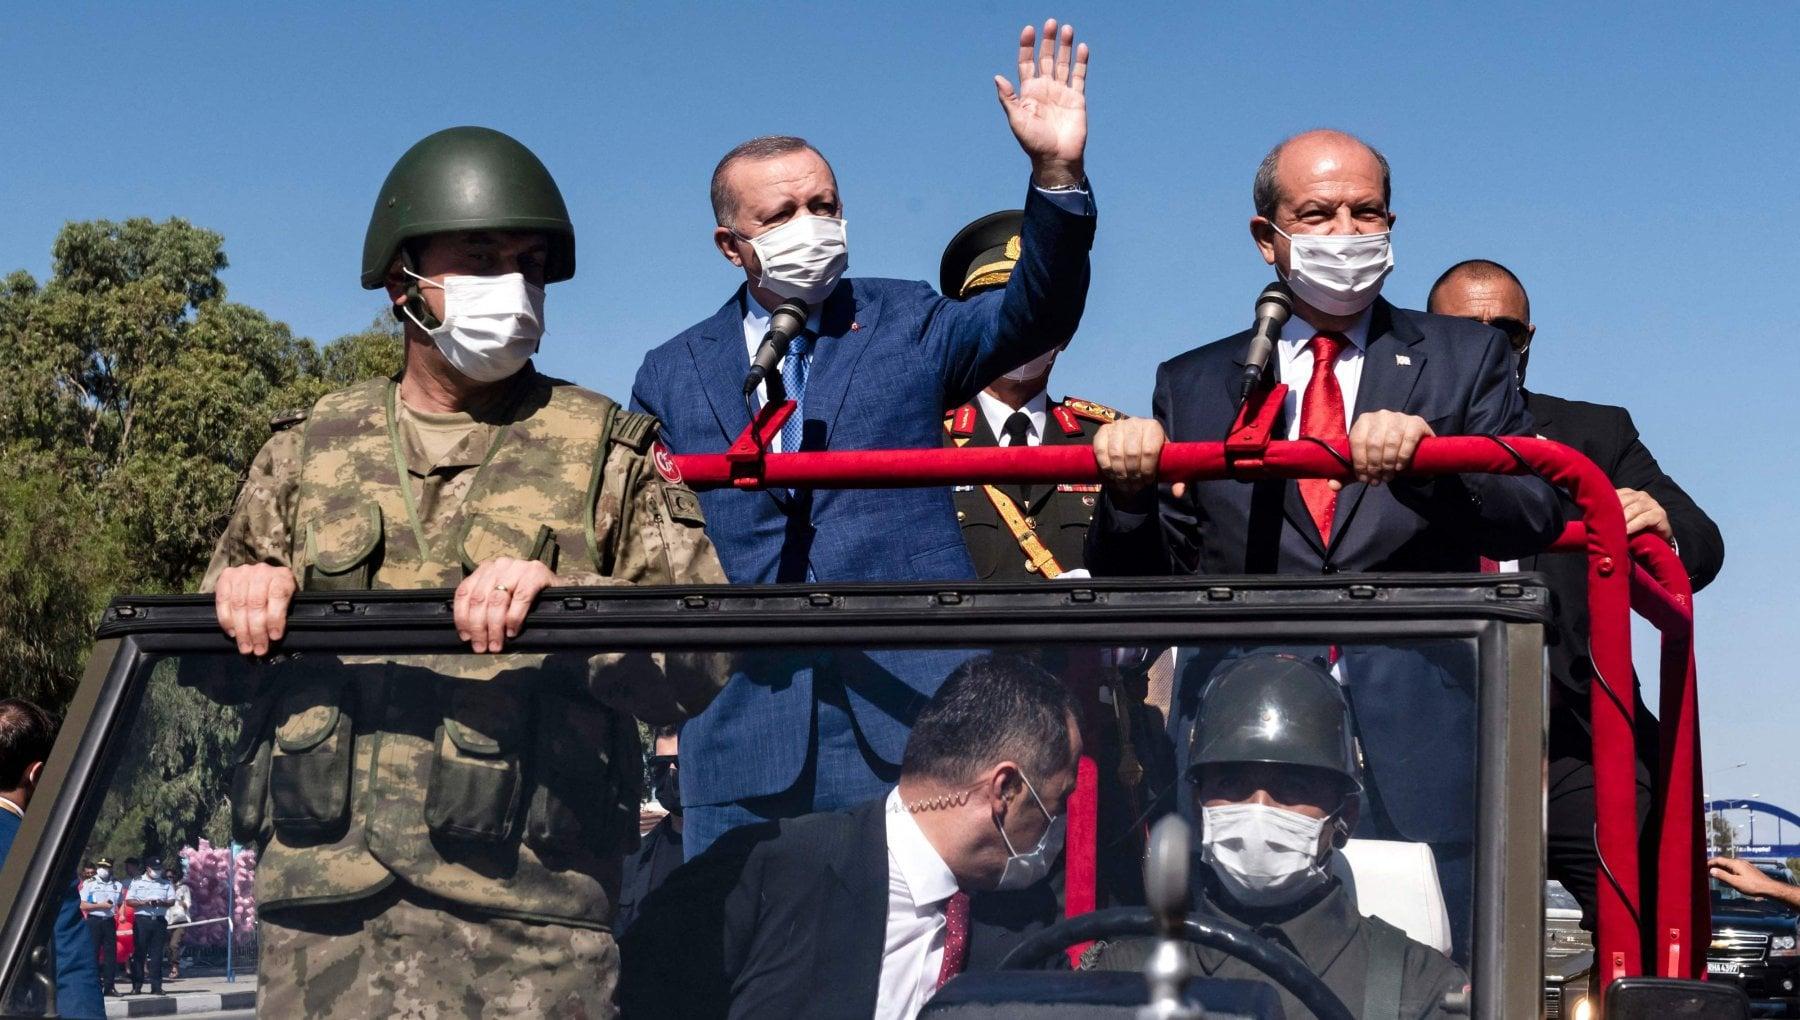 212253012 186d21a1 6ce5 4a25 a831 c67baf058adf - Turchia, troppe crisi ai confini: Erdogan alza un muro contro i migranti